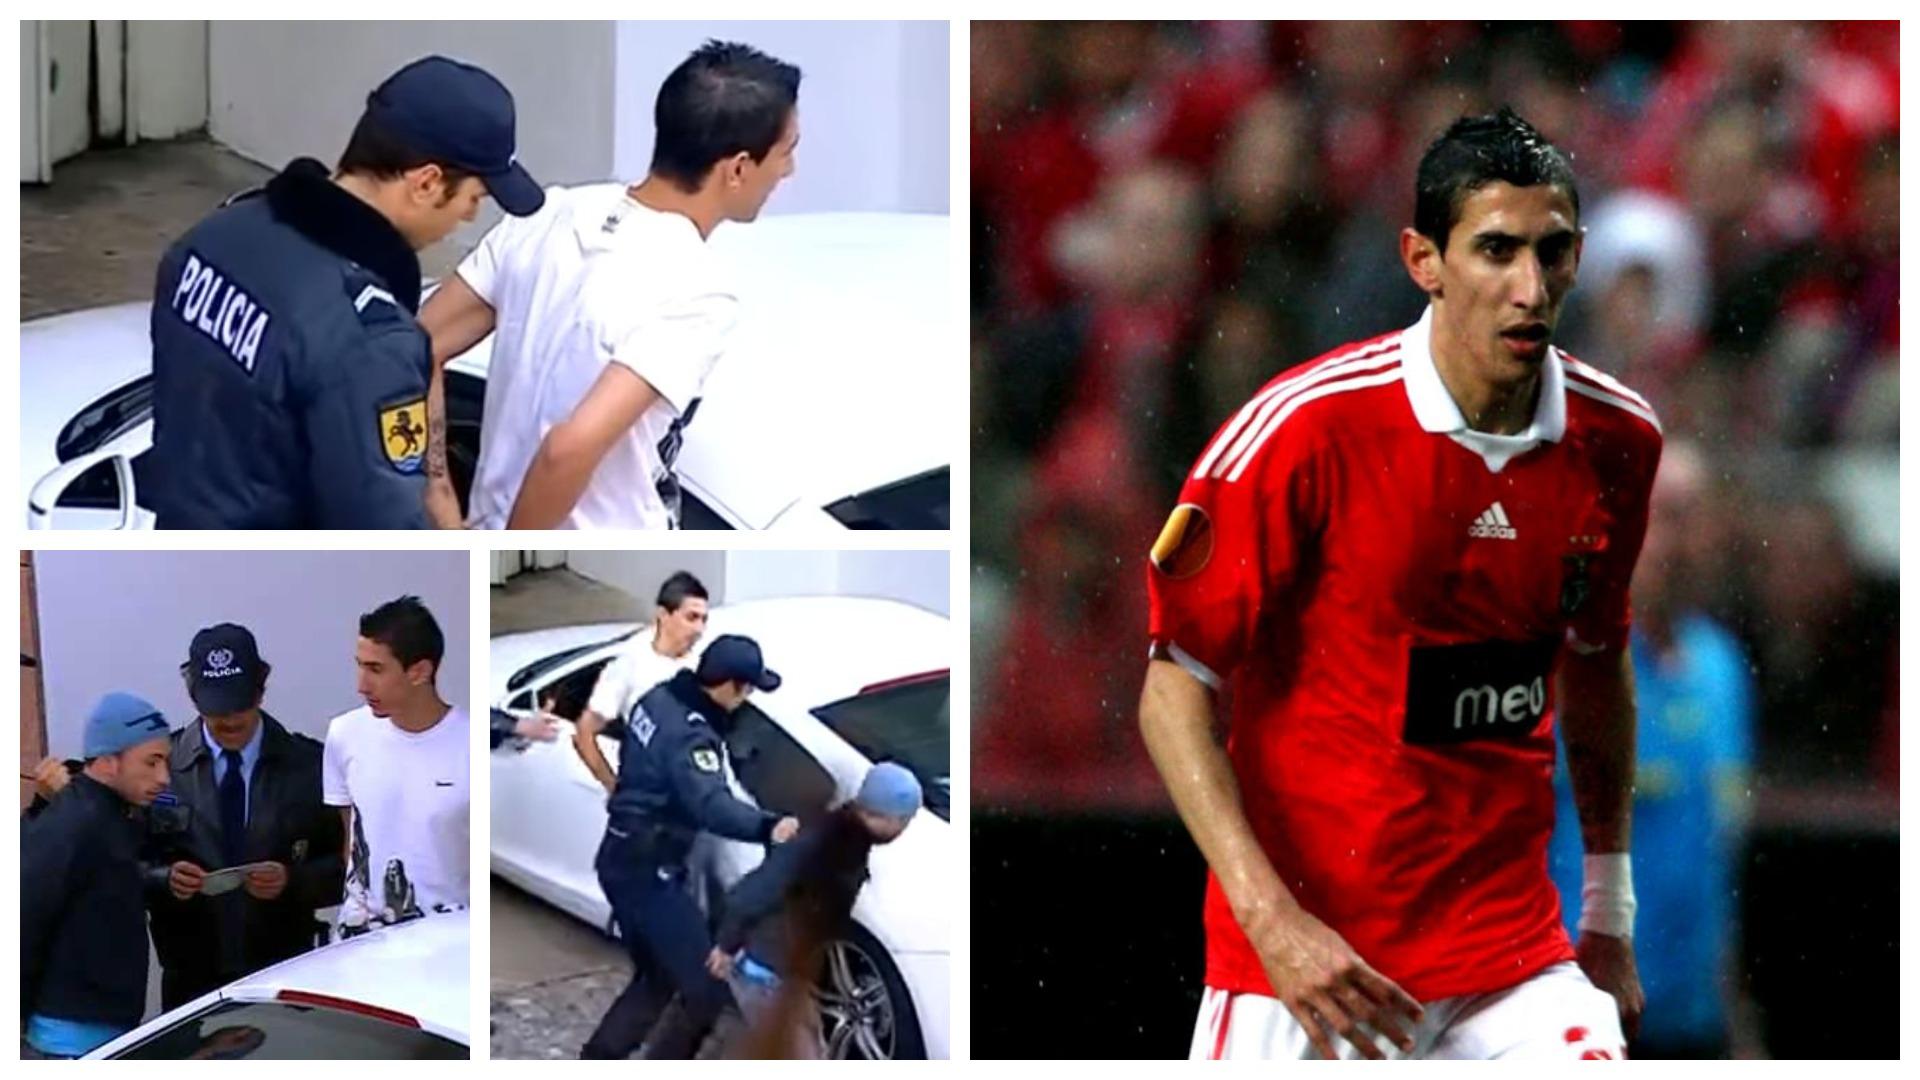 ANEKDOTA E DITËS/ Pranga dhe sherr, si David Luiz e futi në kurth argjentinasin Di Maria